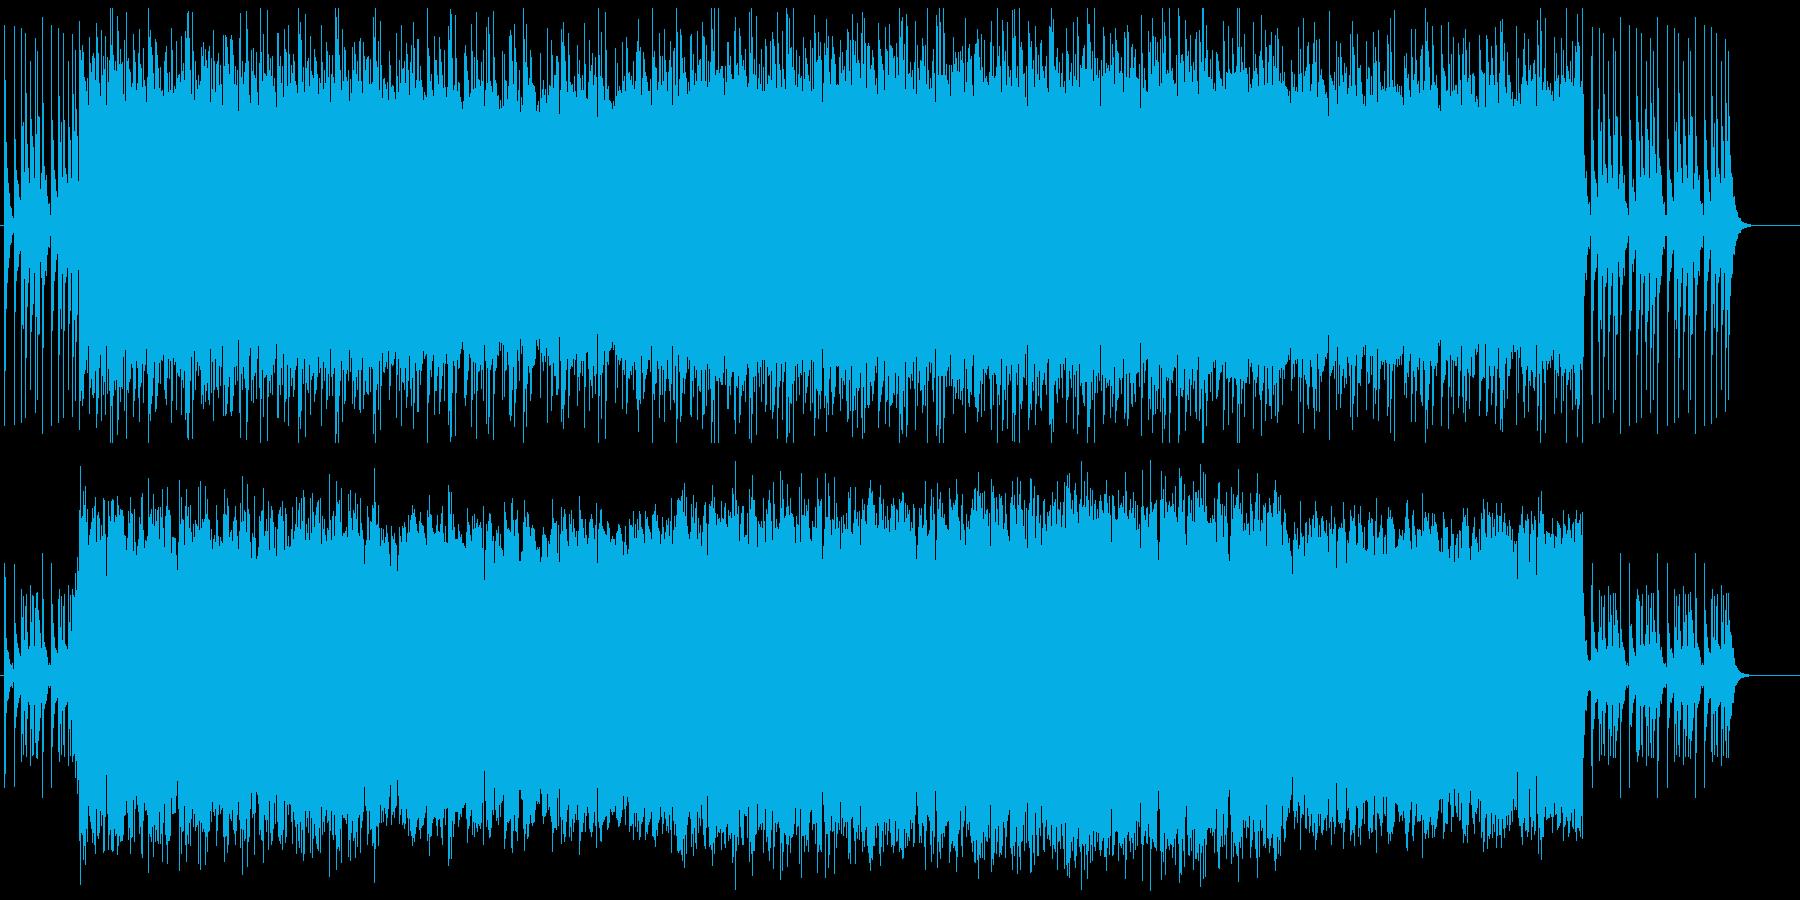 クリスマス用の軽快なBGMの再生済みの波形